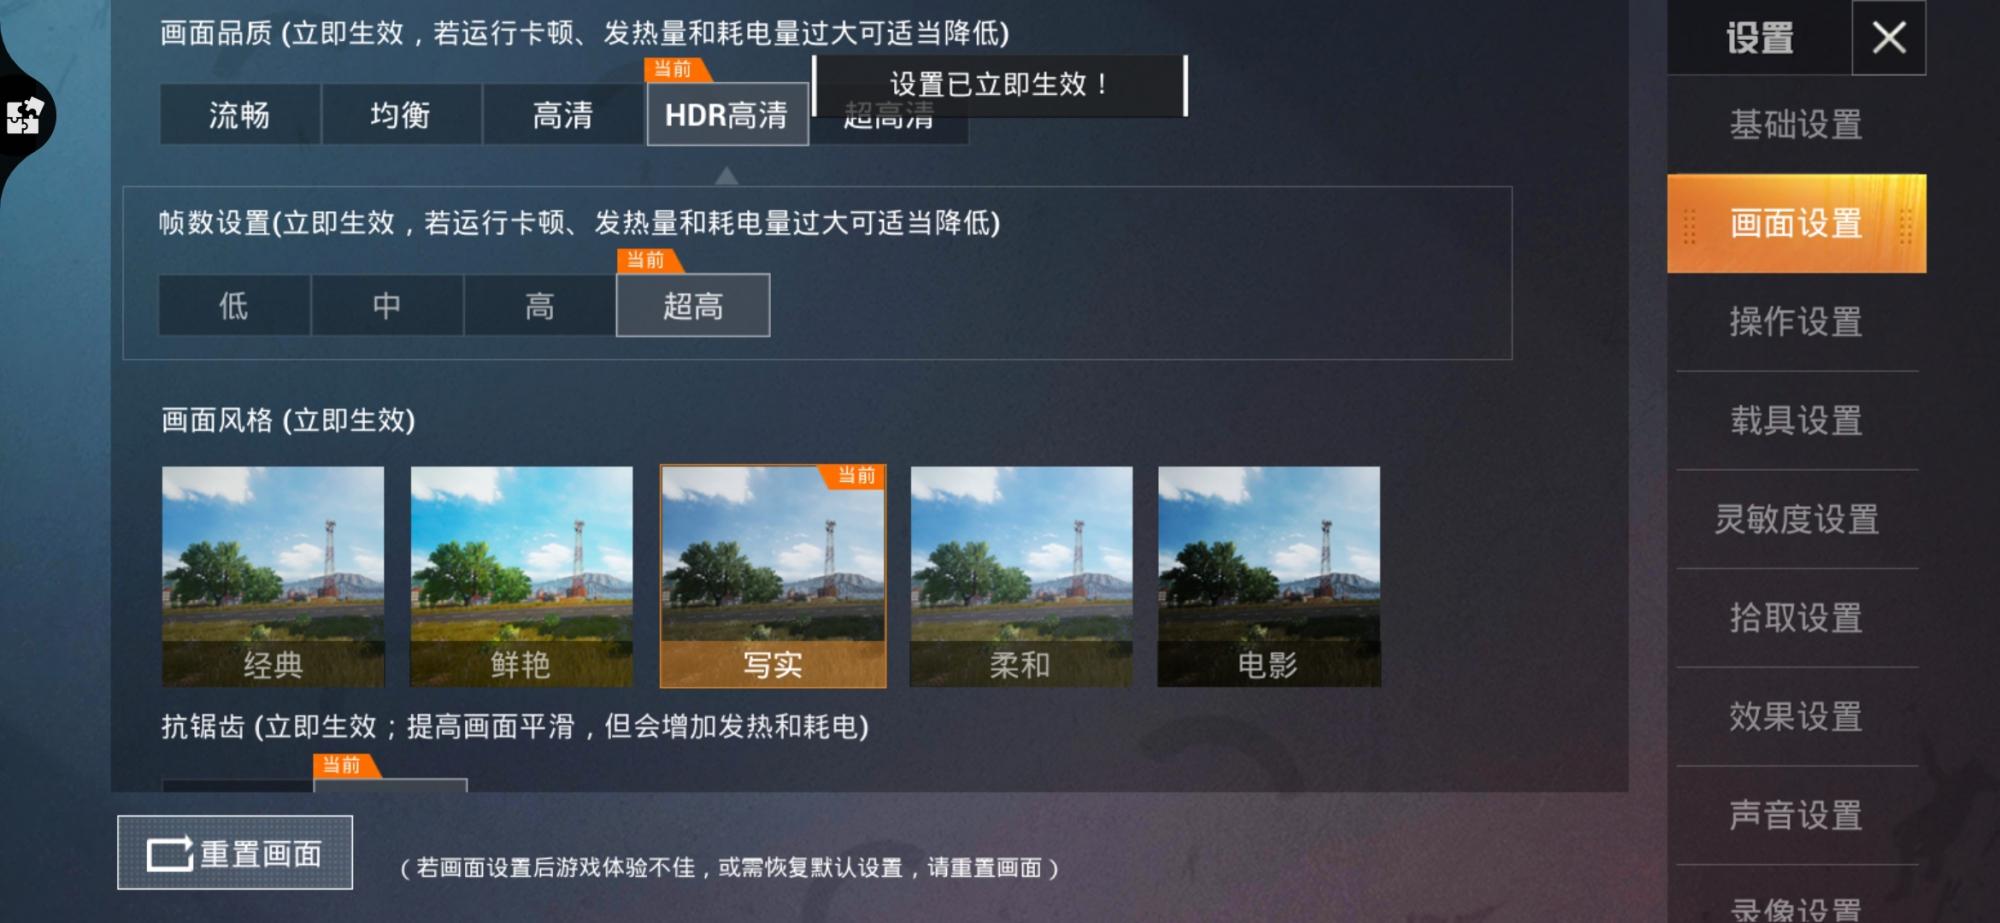 Screenshot_20200111_114138_com.tencent.tmgp.pubgm.jpg